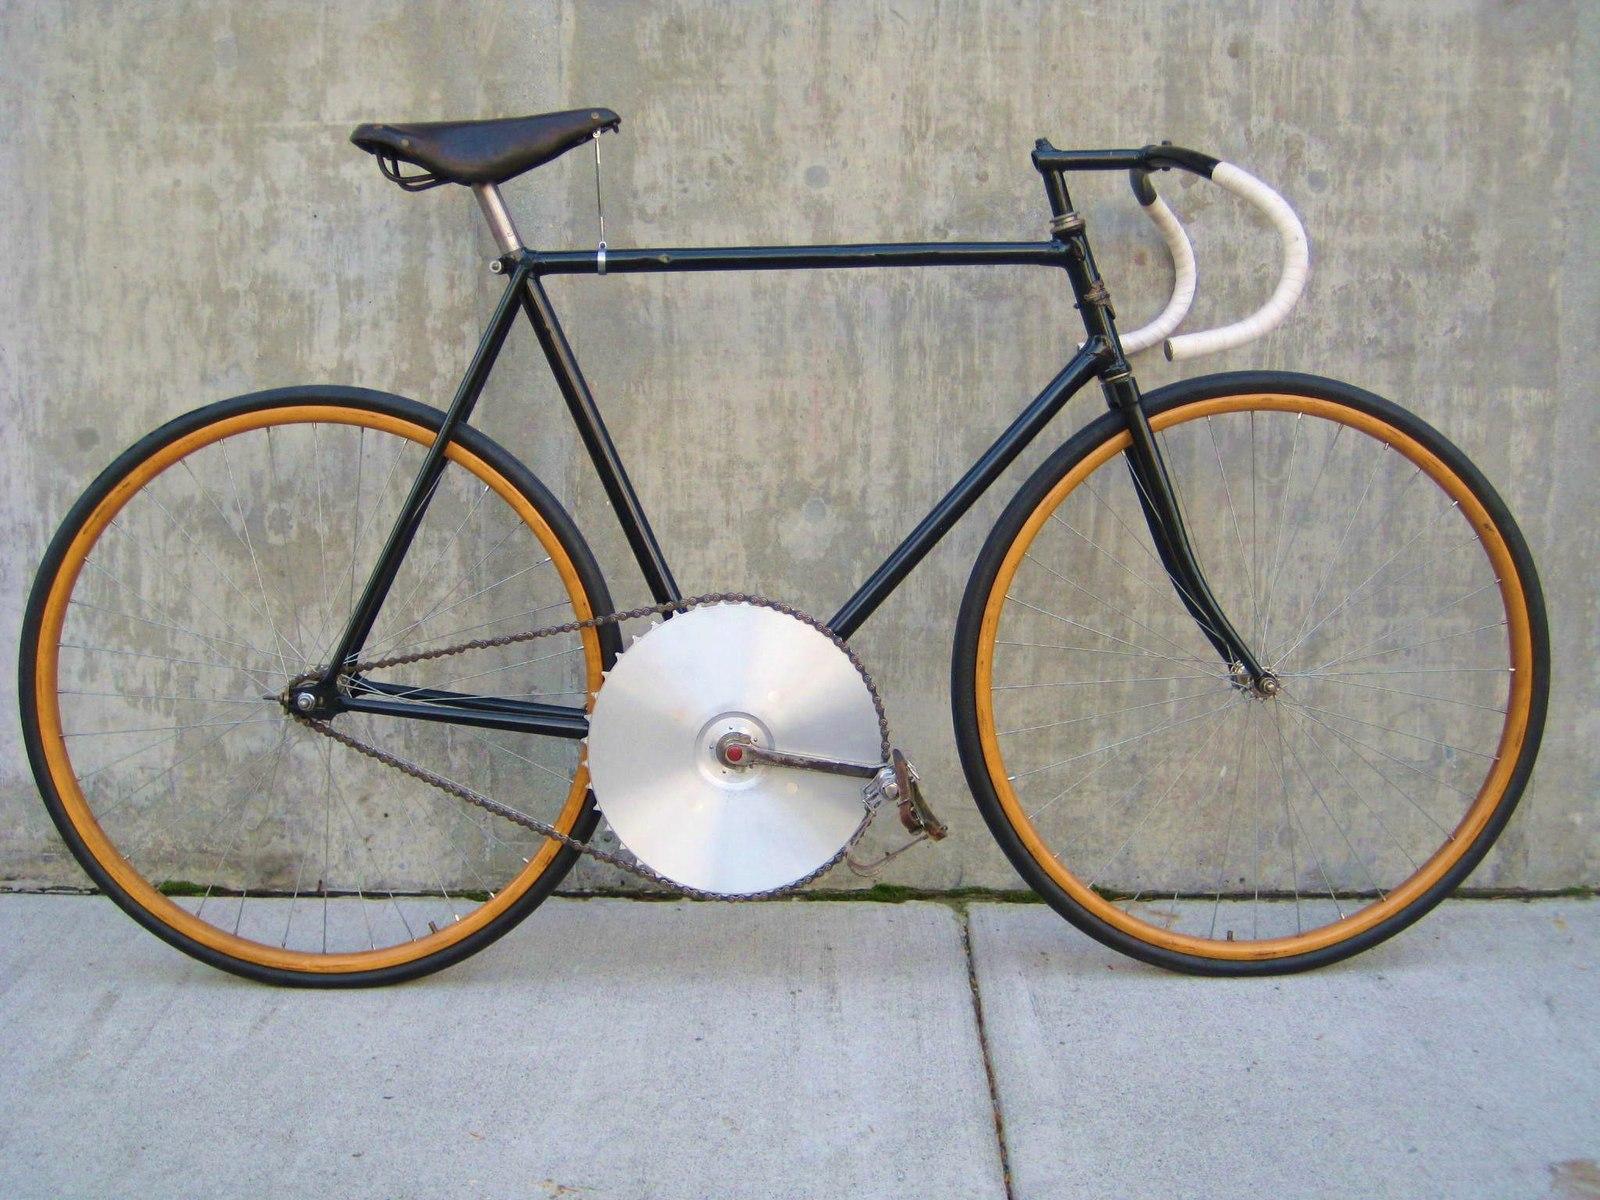 Велосипеды, на которых ставили рекорды скорости